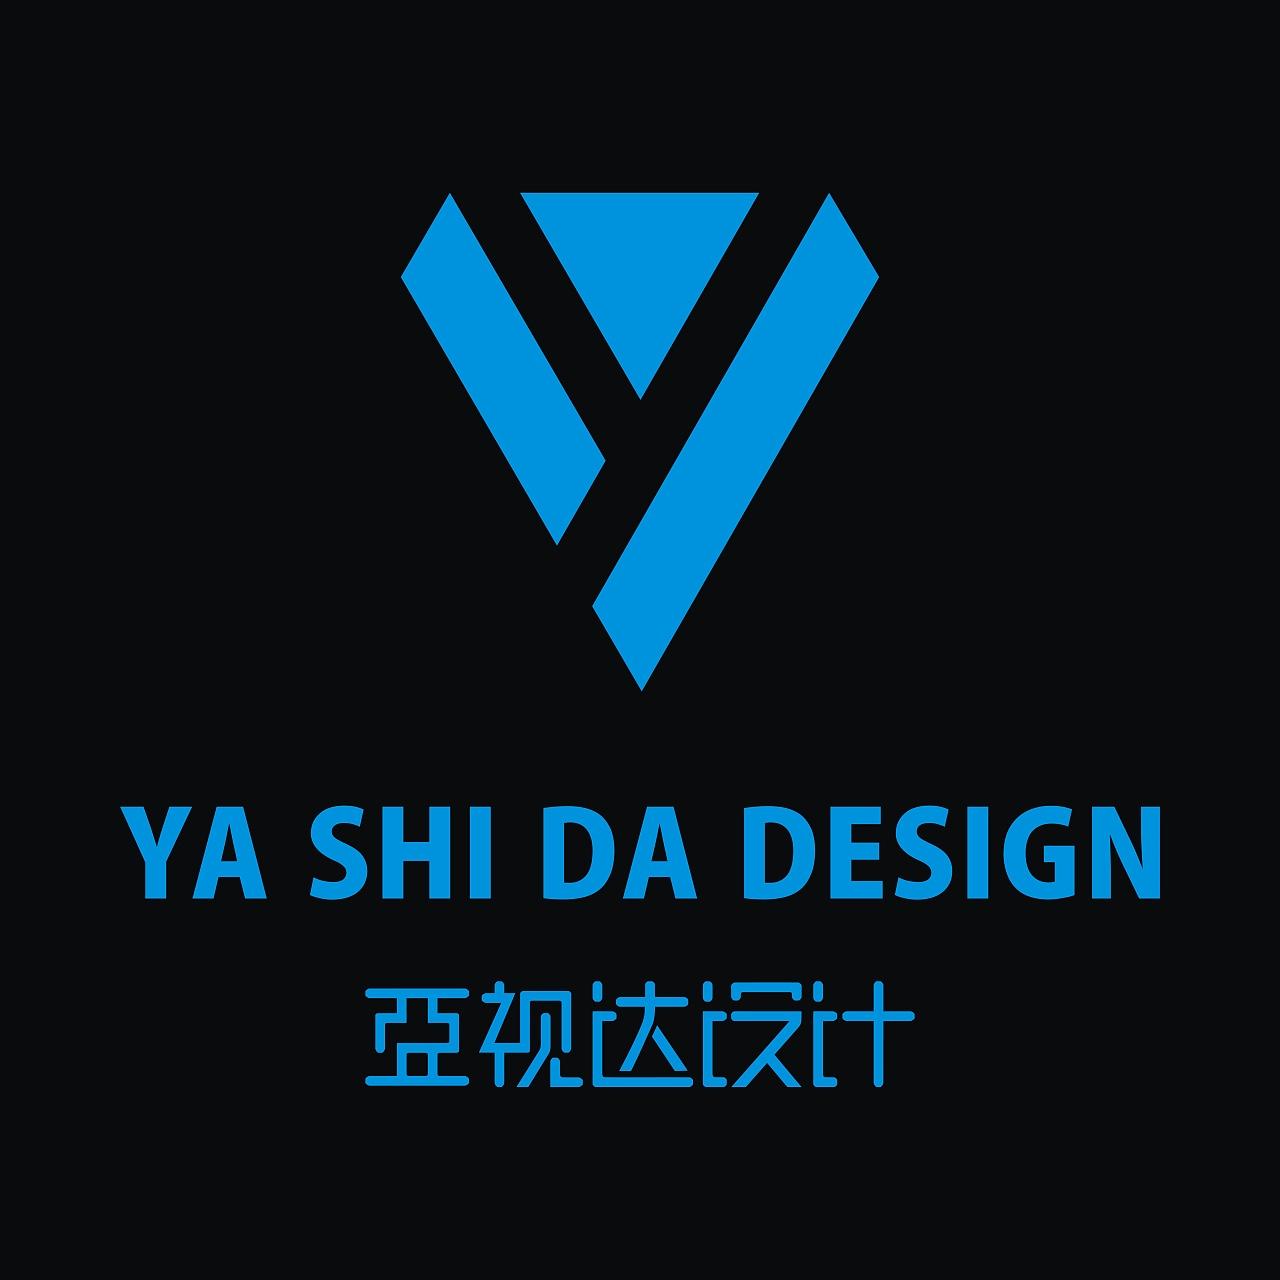 亚视达设计logo|平面|标志|风尚品色设计 - 原创作品